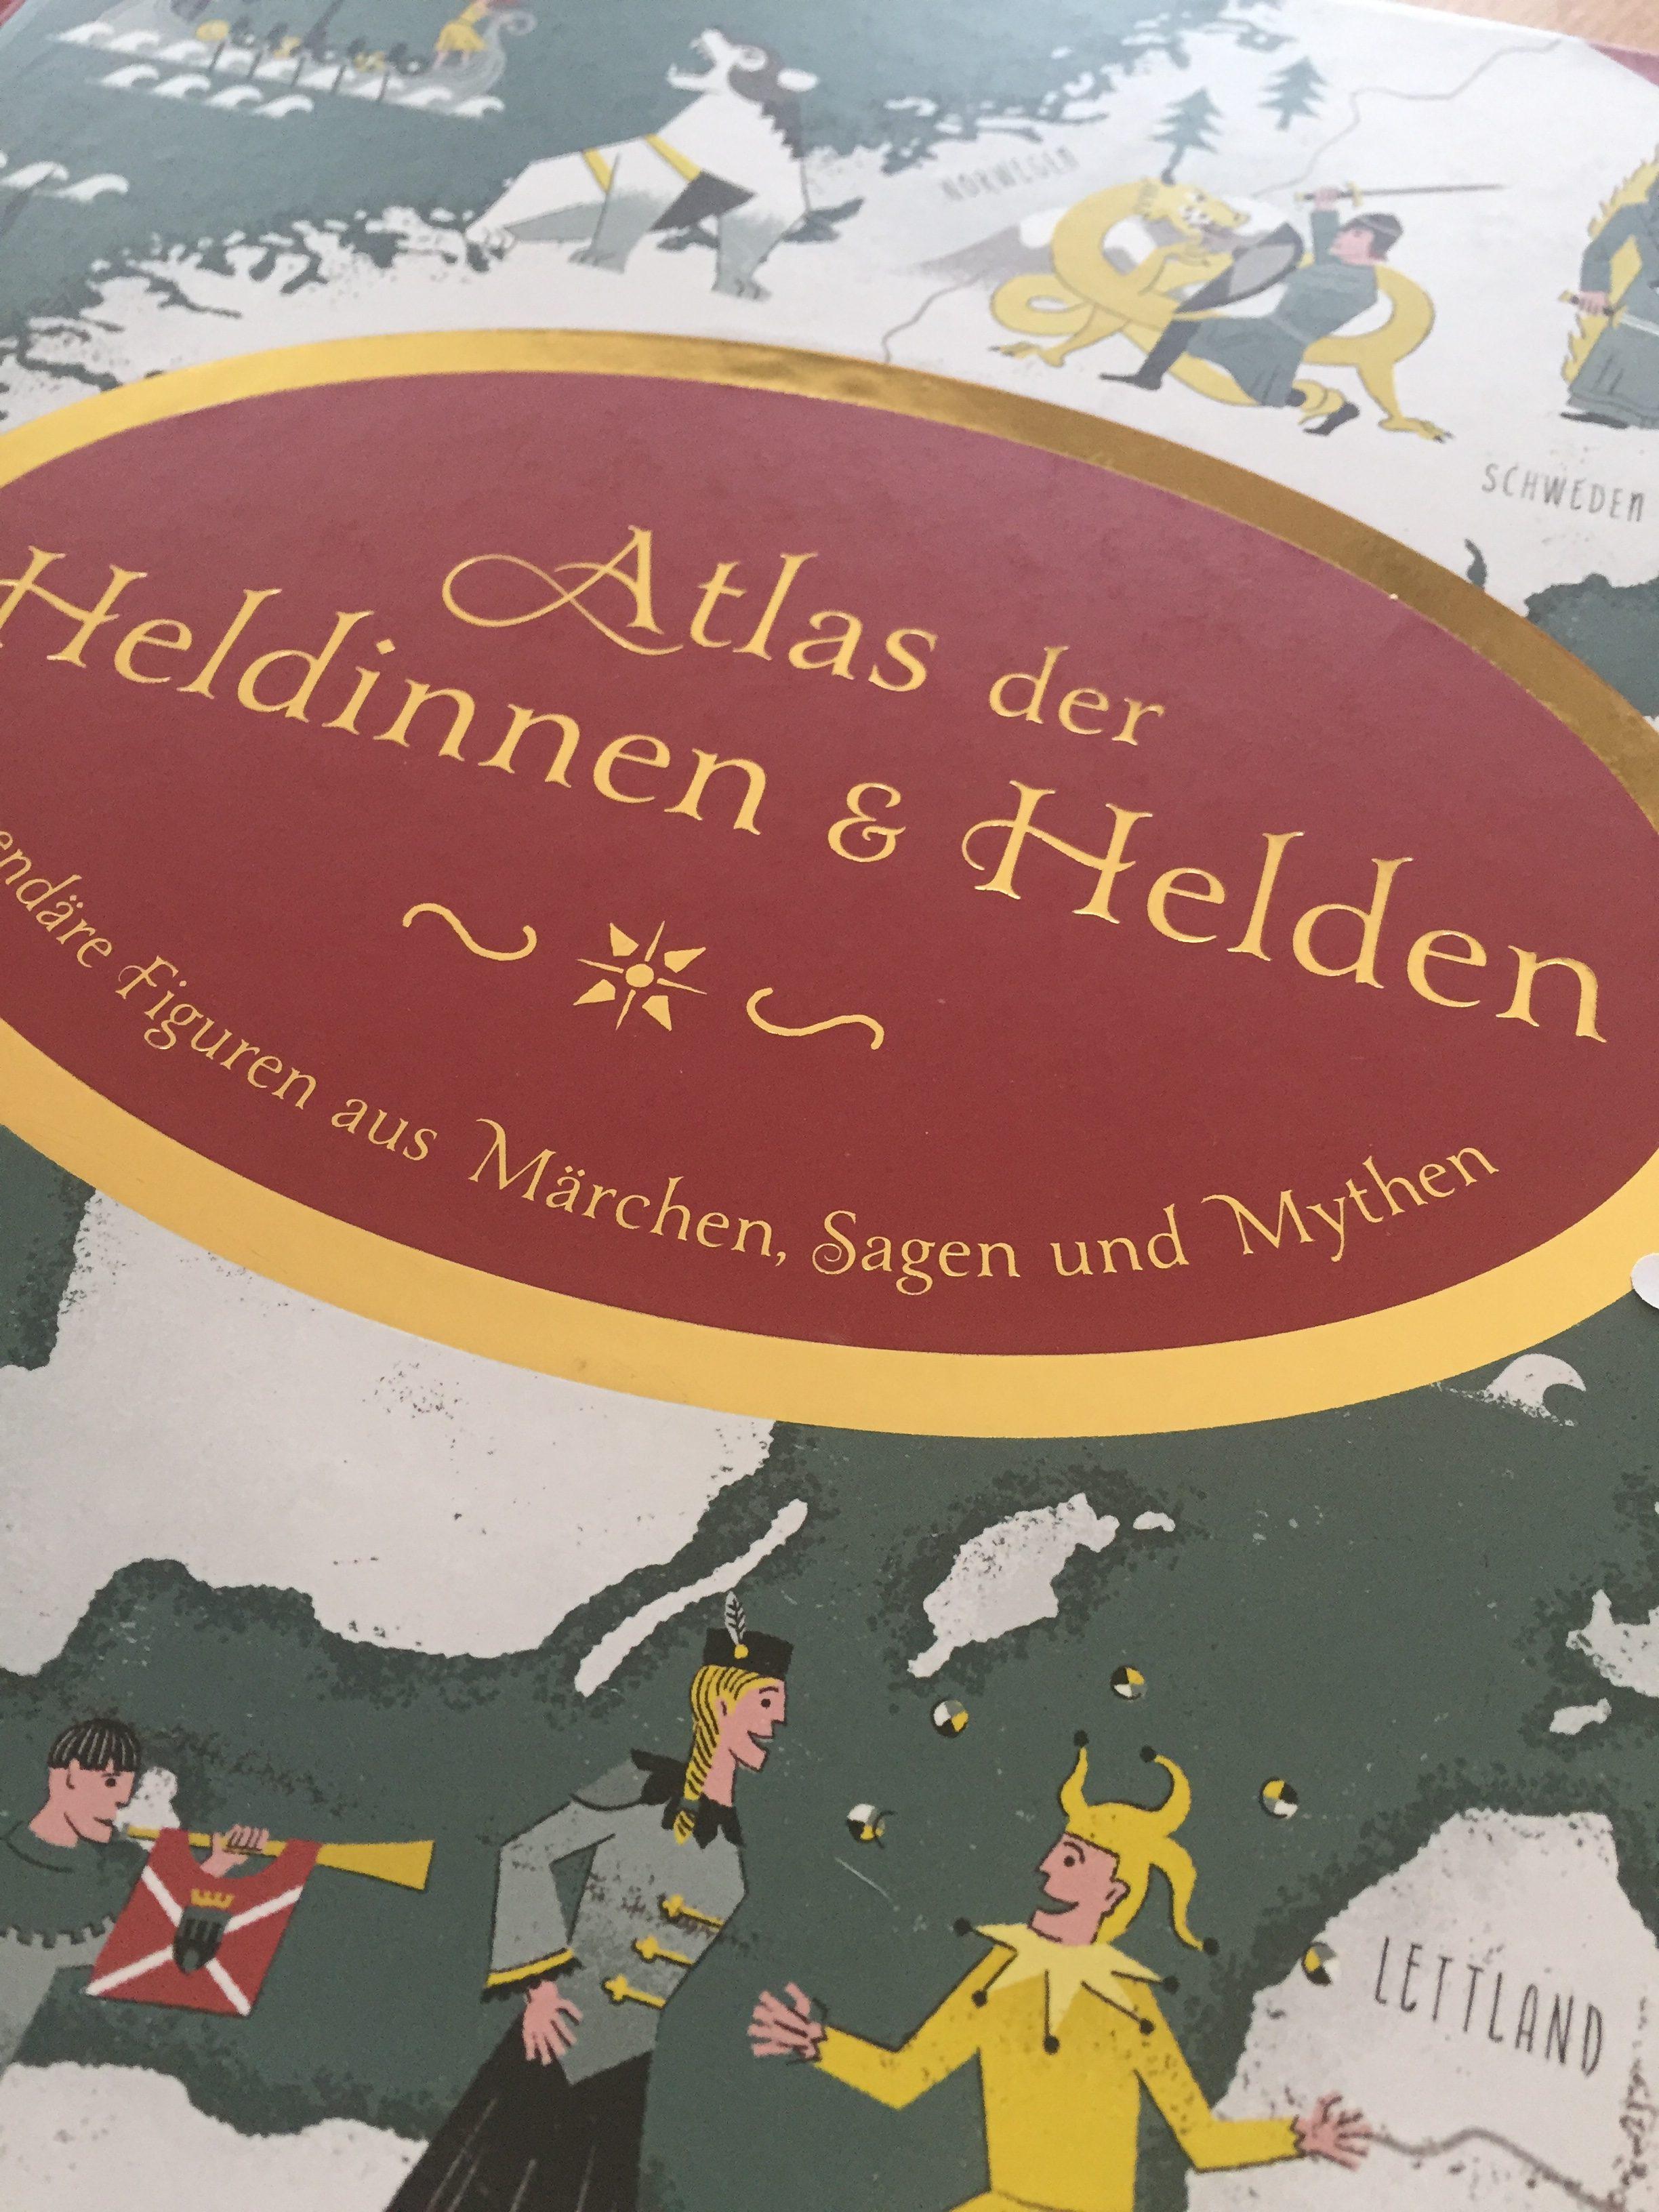 Atlas der Heldinnen und Helden, Kinderbuch, wunderschöne Illustration, Inspiration chid book, child books 2021